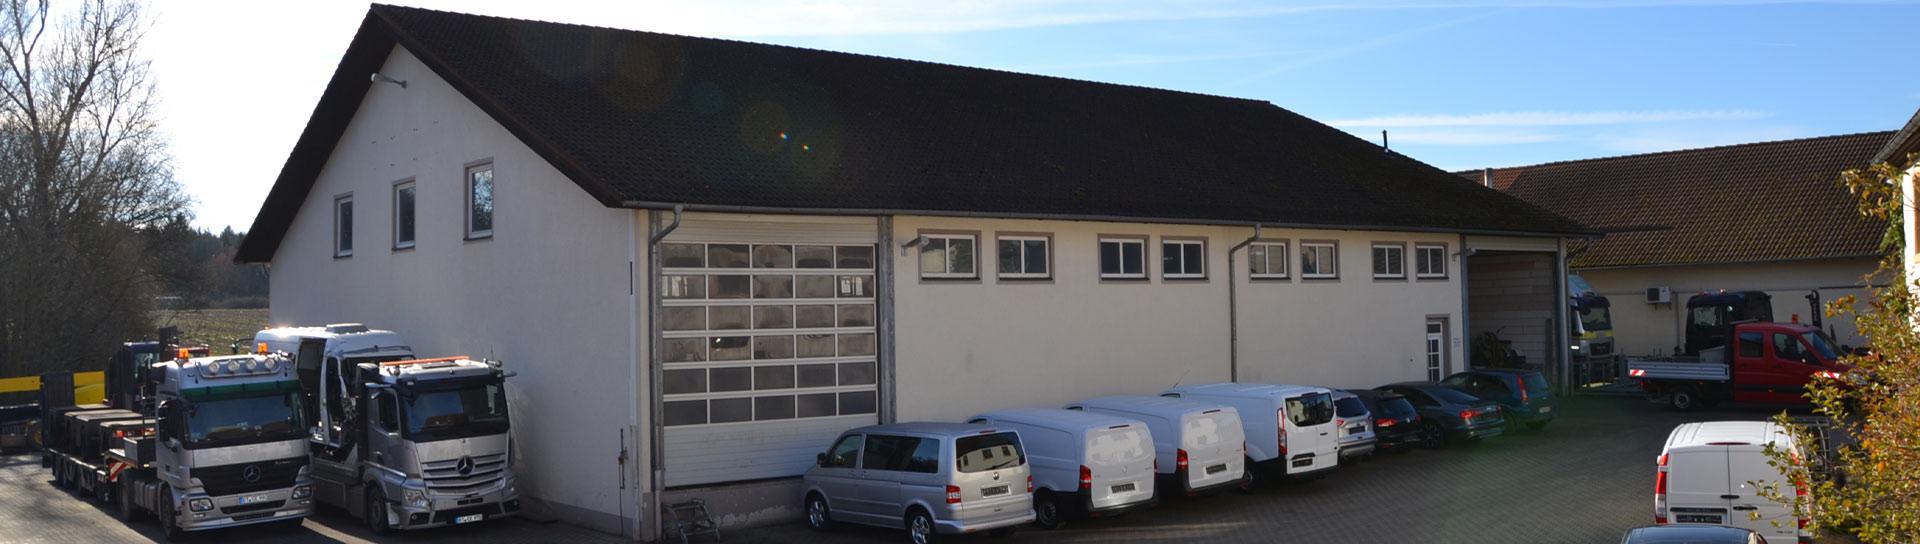 Firmengebäude | Maschinenhandel Polewka